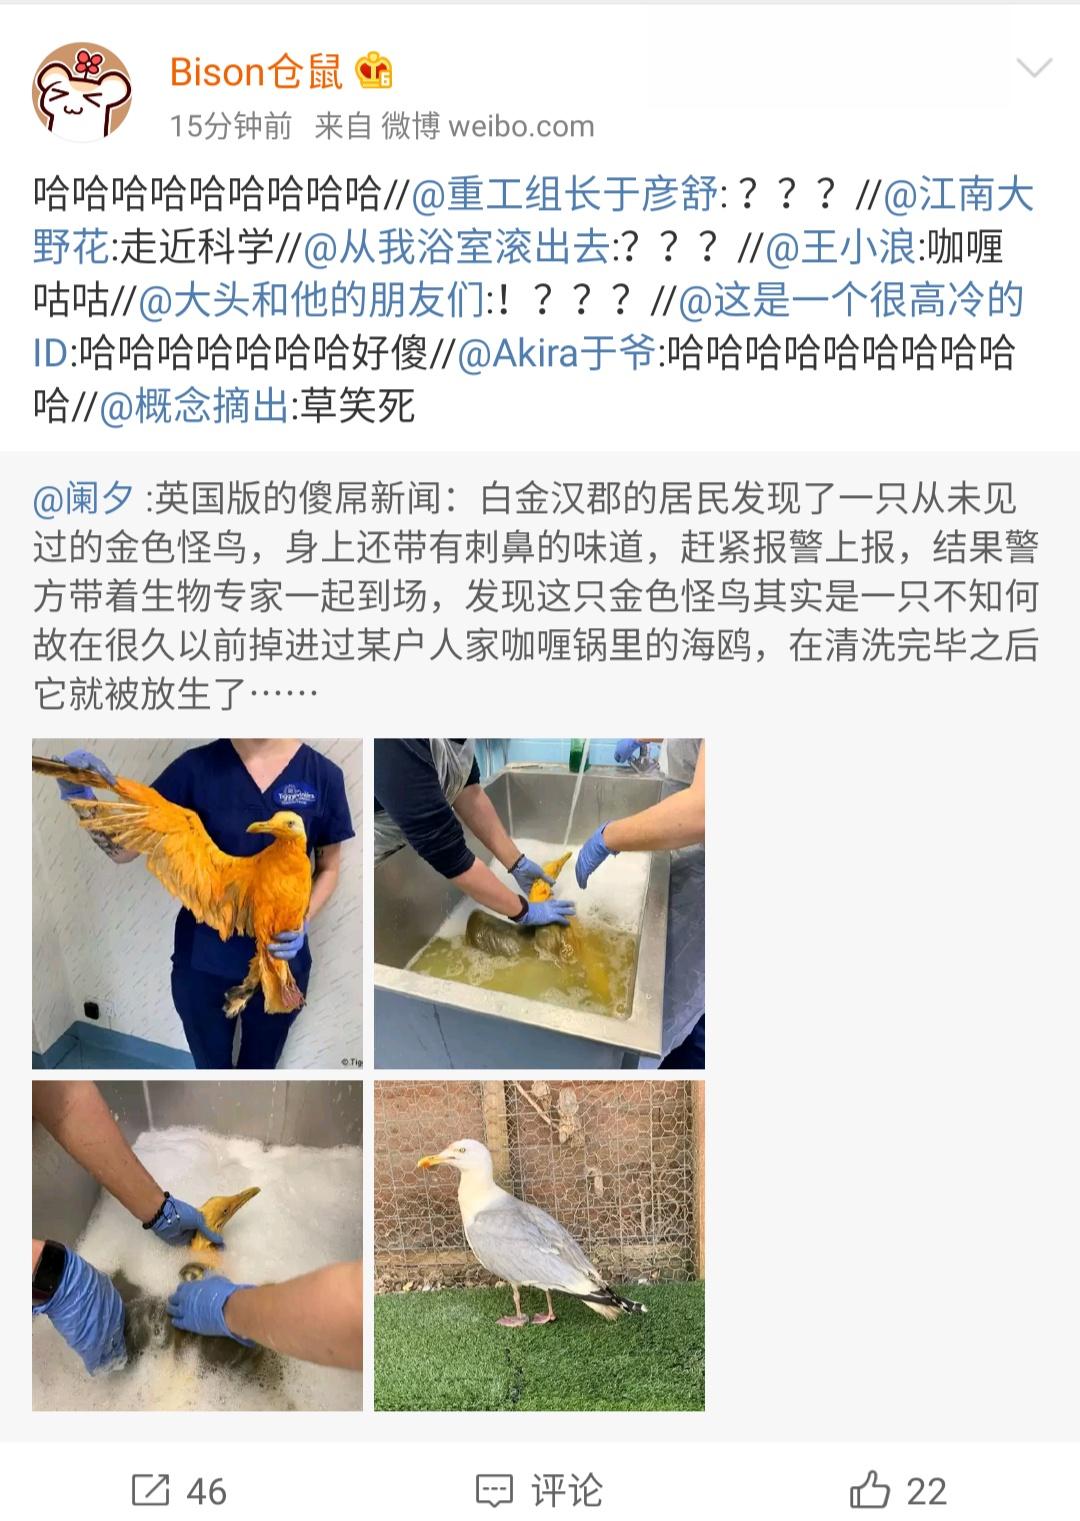 热门视频图片段子福利第84期:陕北民歌  福利社吧  图115